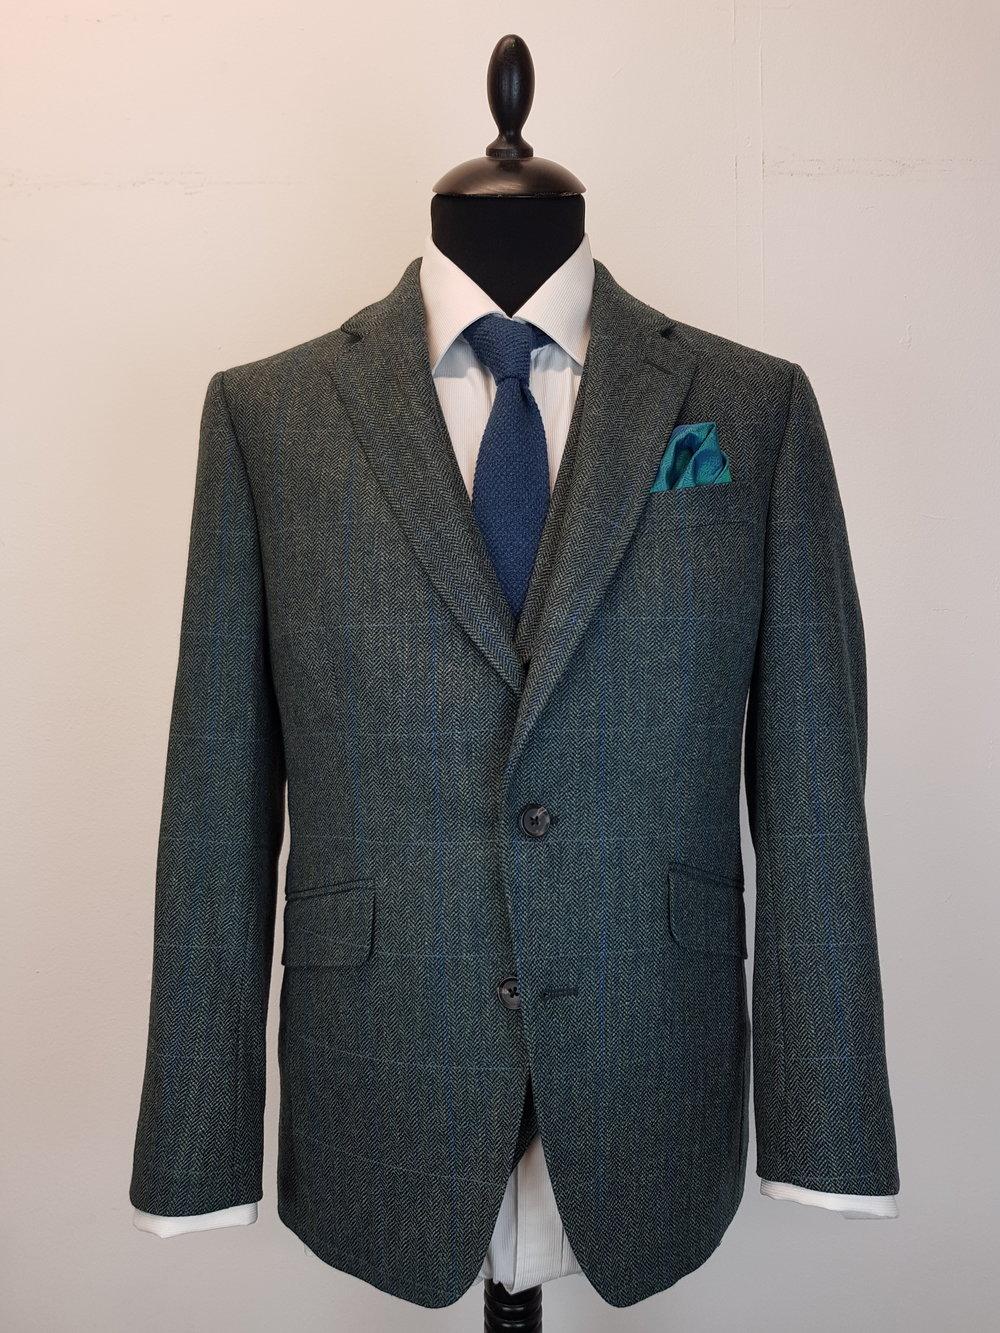 3 Piece Herringbone and check tweed suit (6).jpg